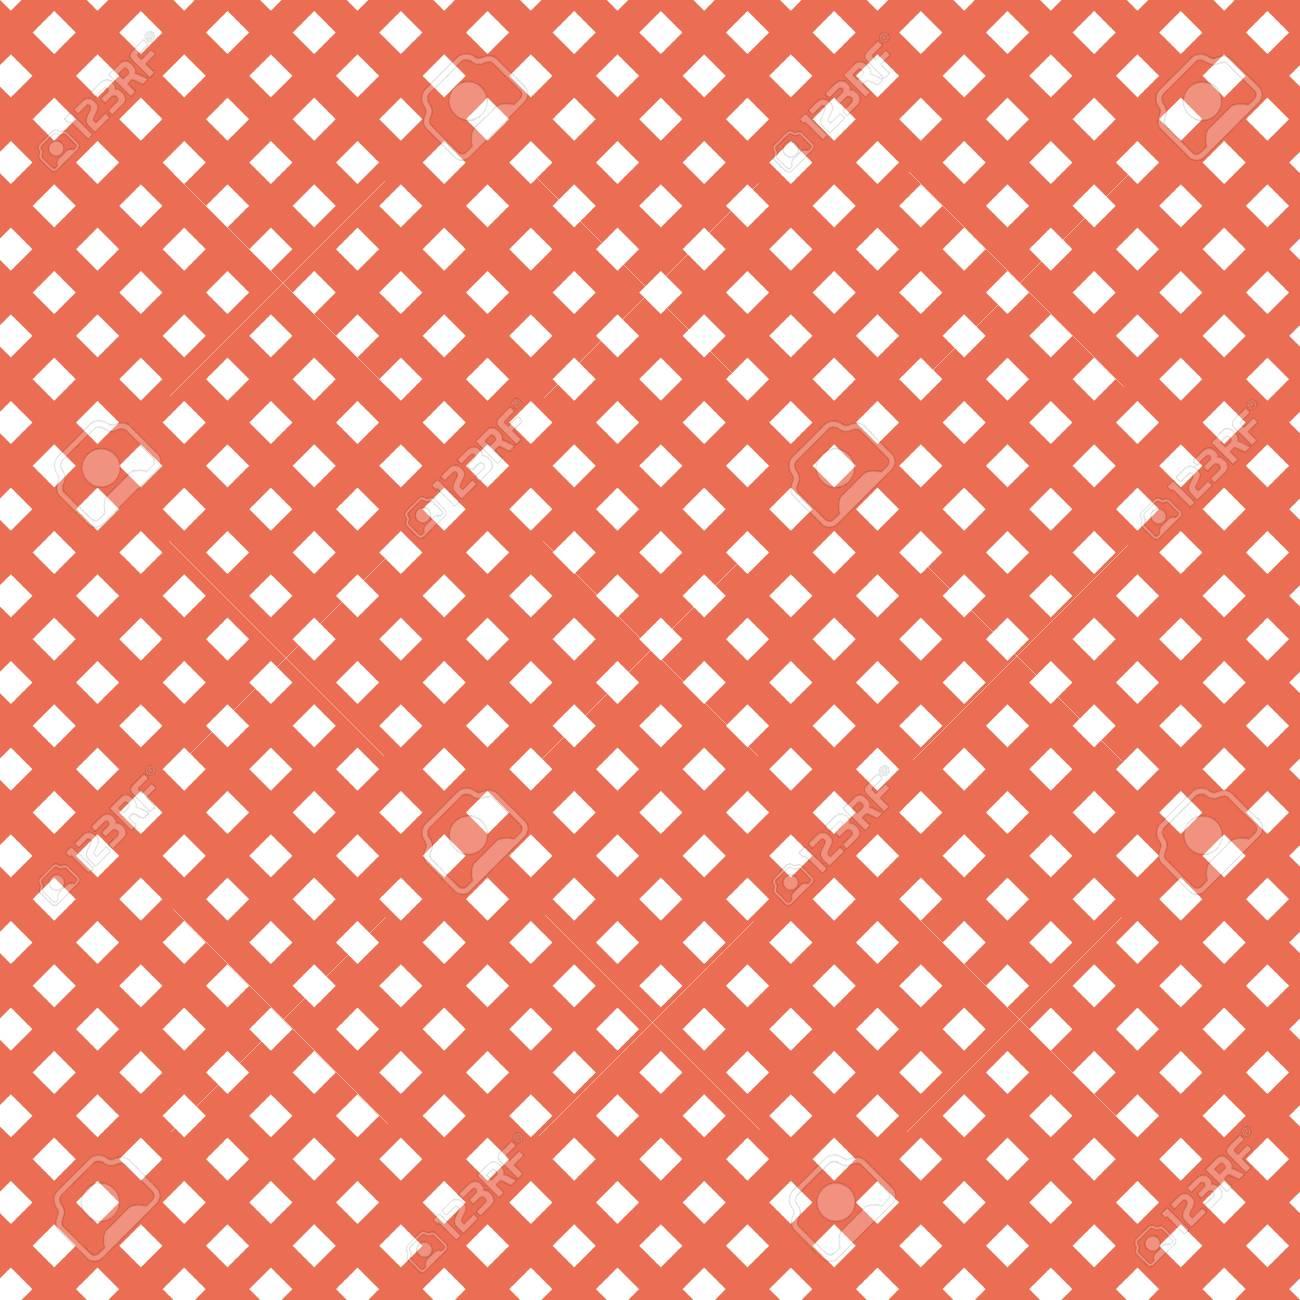 Geometrisches Muster Coole Bunte Hintergründe Nahtlose Vorlage